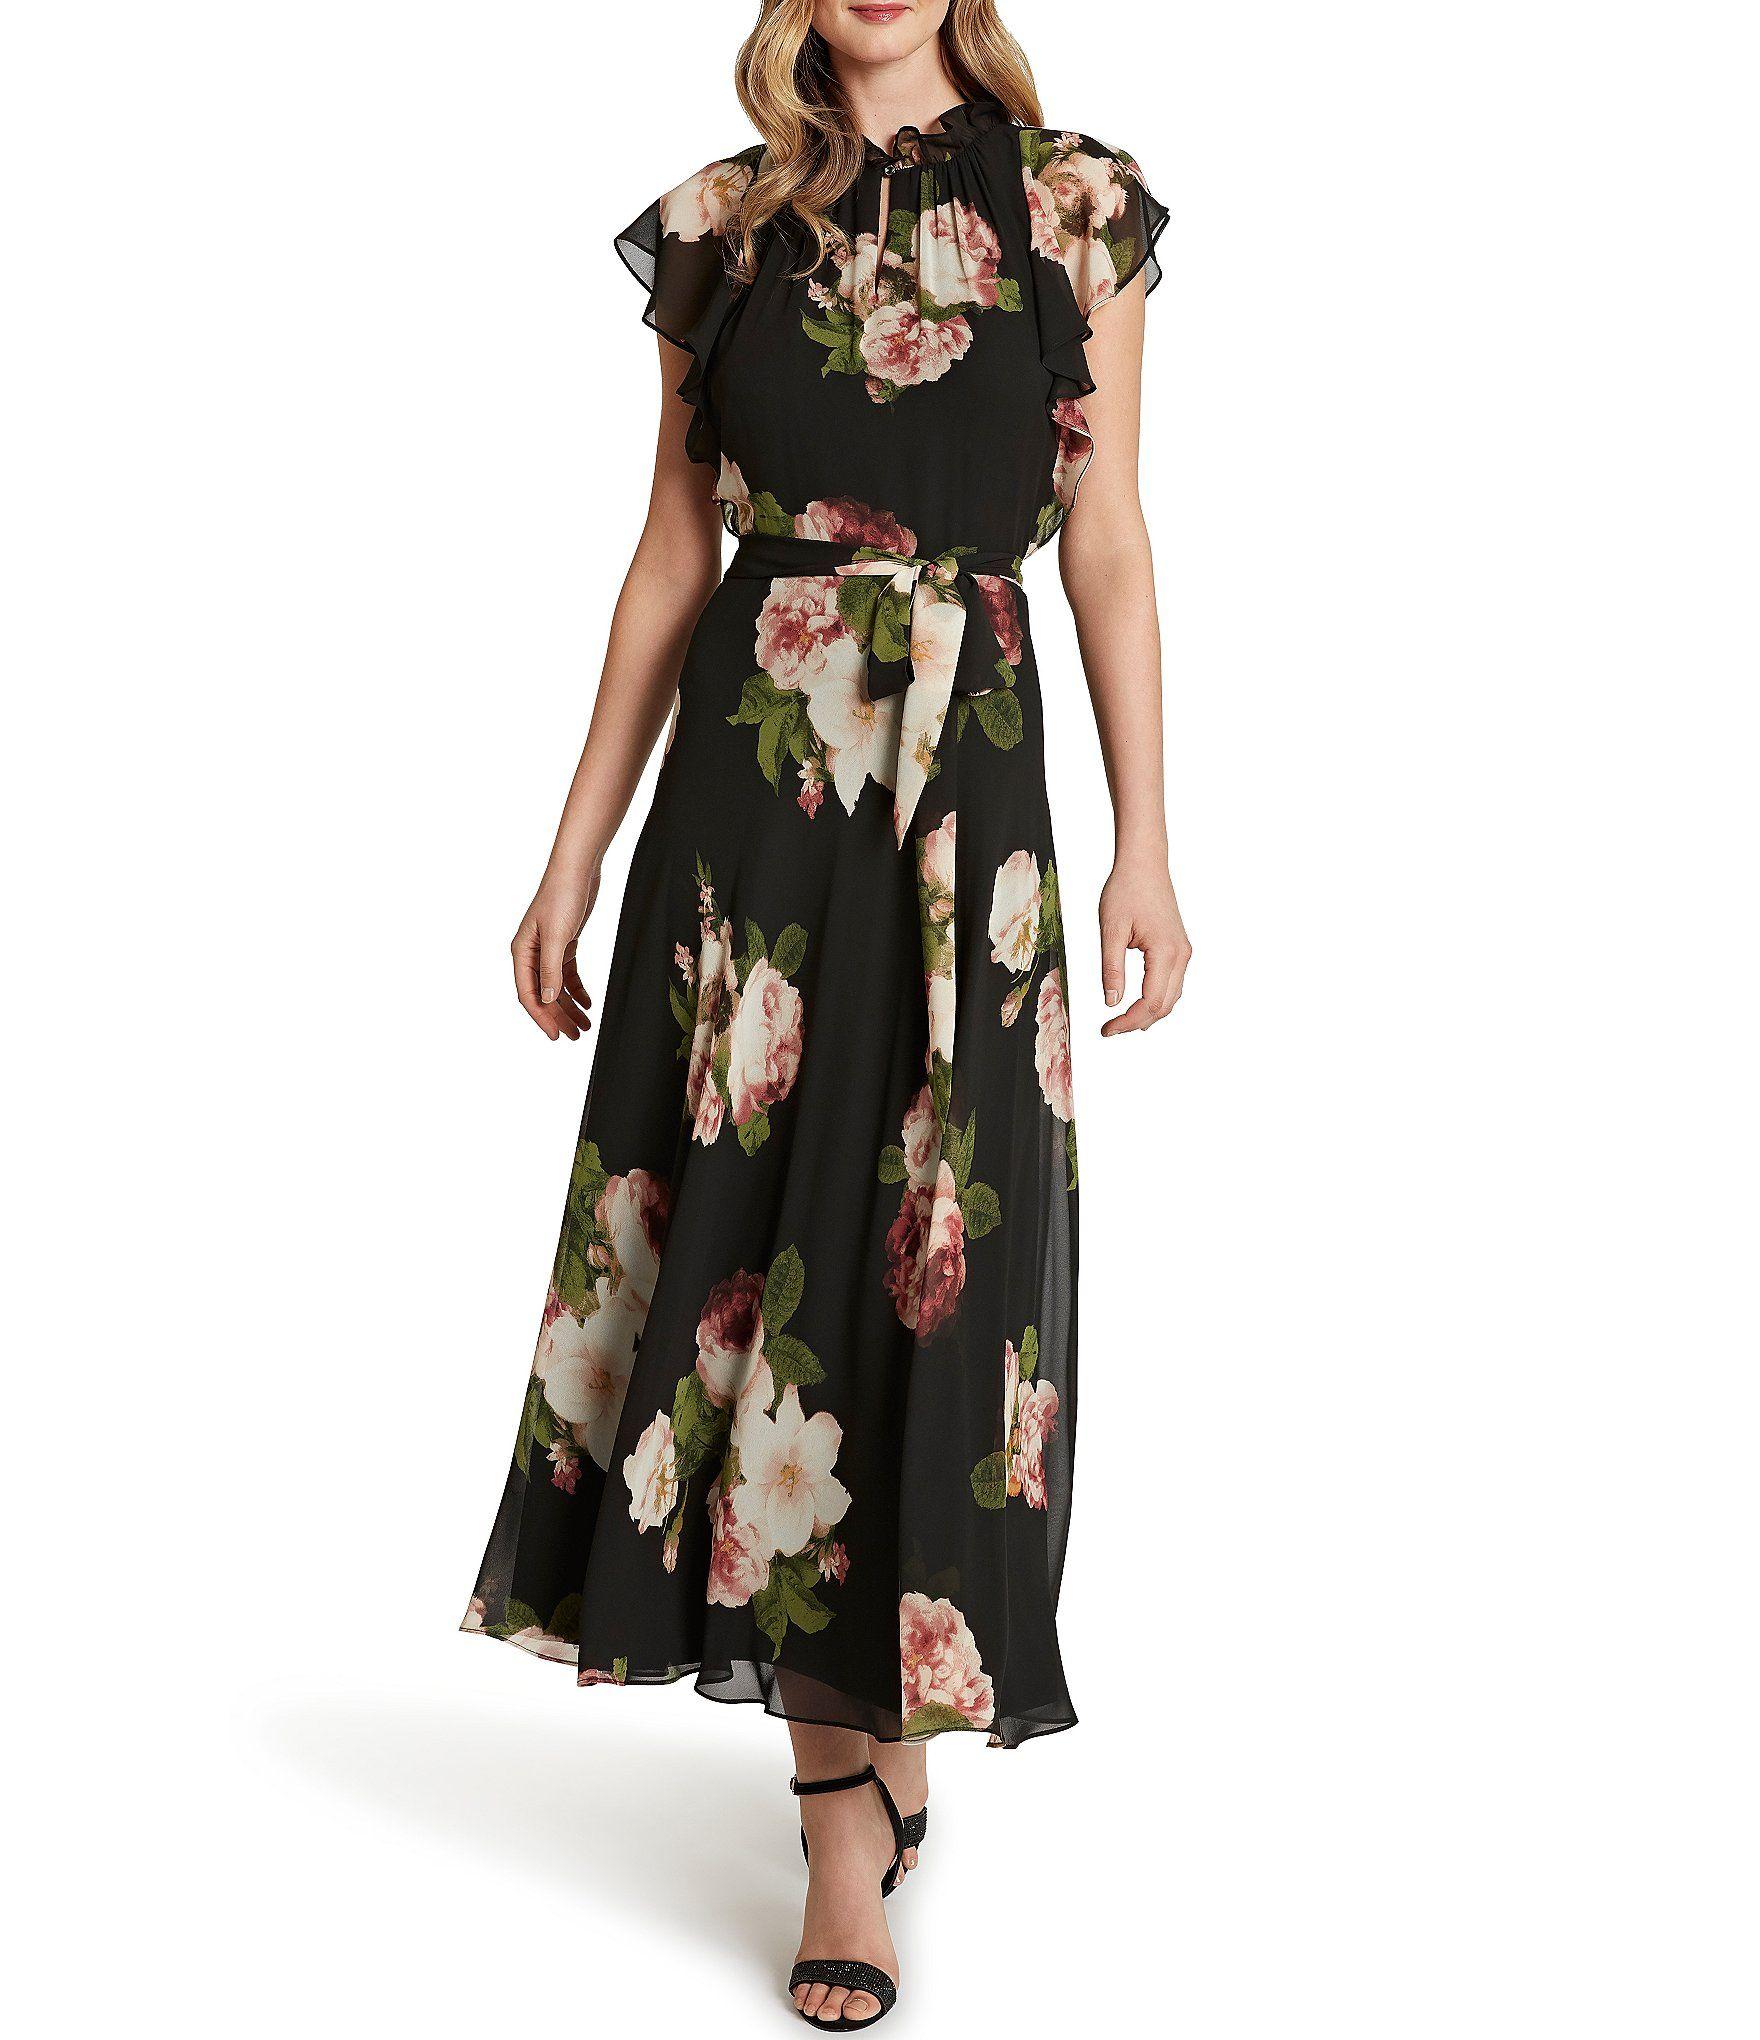 Tahari Asl Flutter Sleeve Rose Printed Chiffon Dress Dillard S Chiffon Dress Chiffon Evening Dresses Print Chiffon Maxi Dress [ 2040 x 1760 Pixel ]